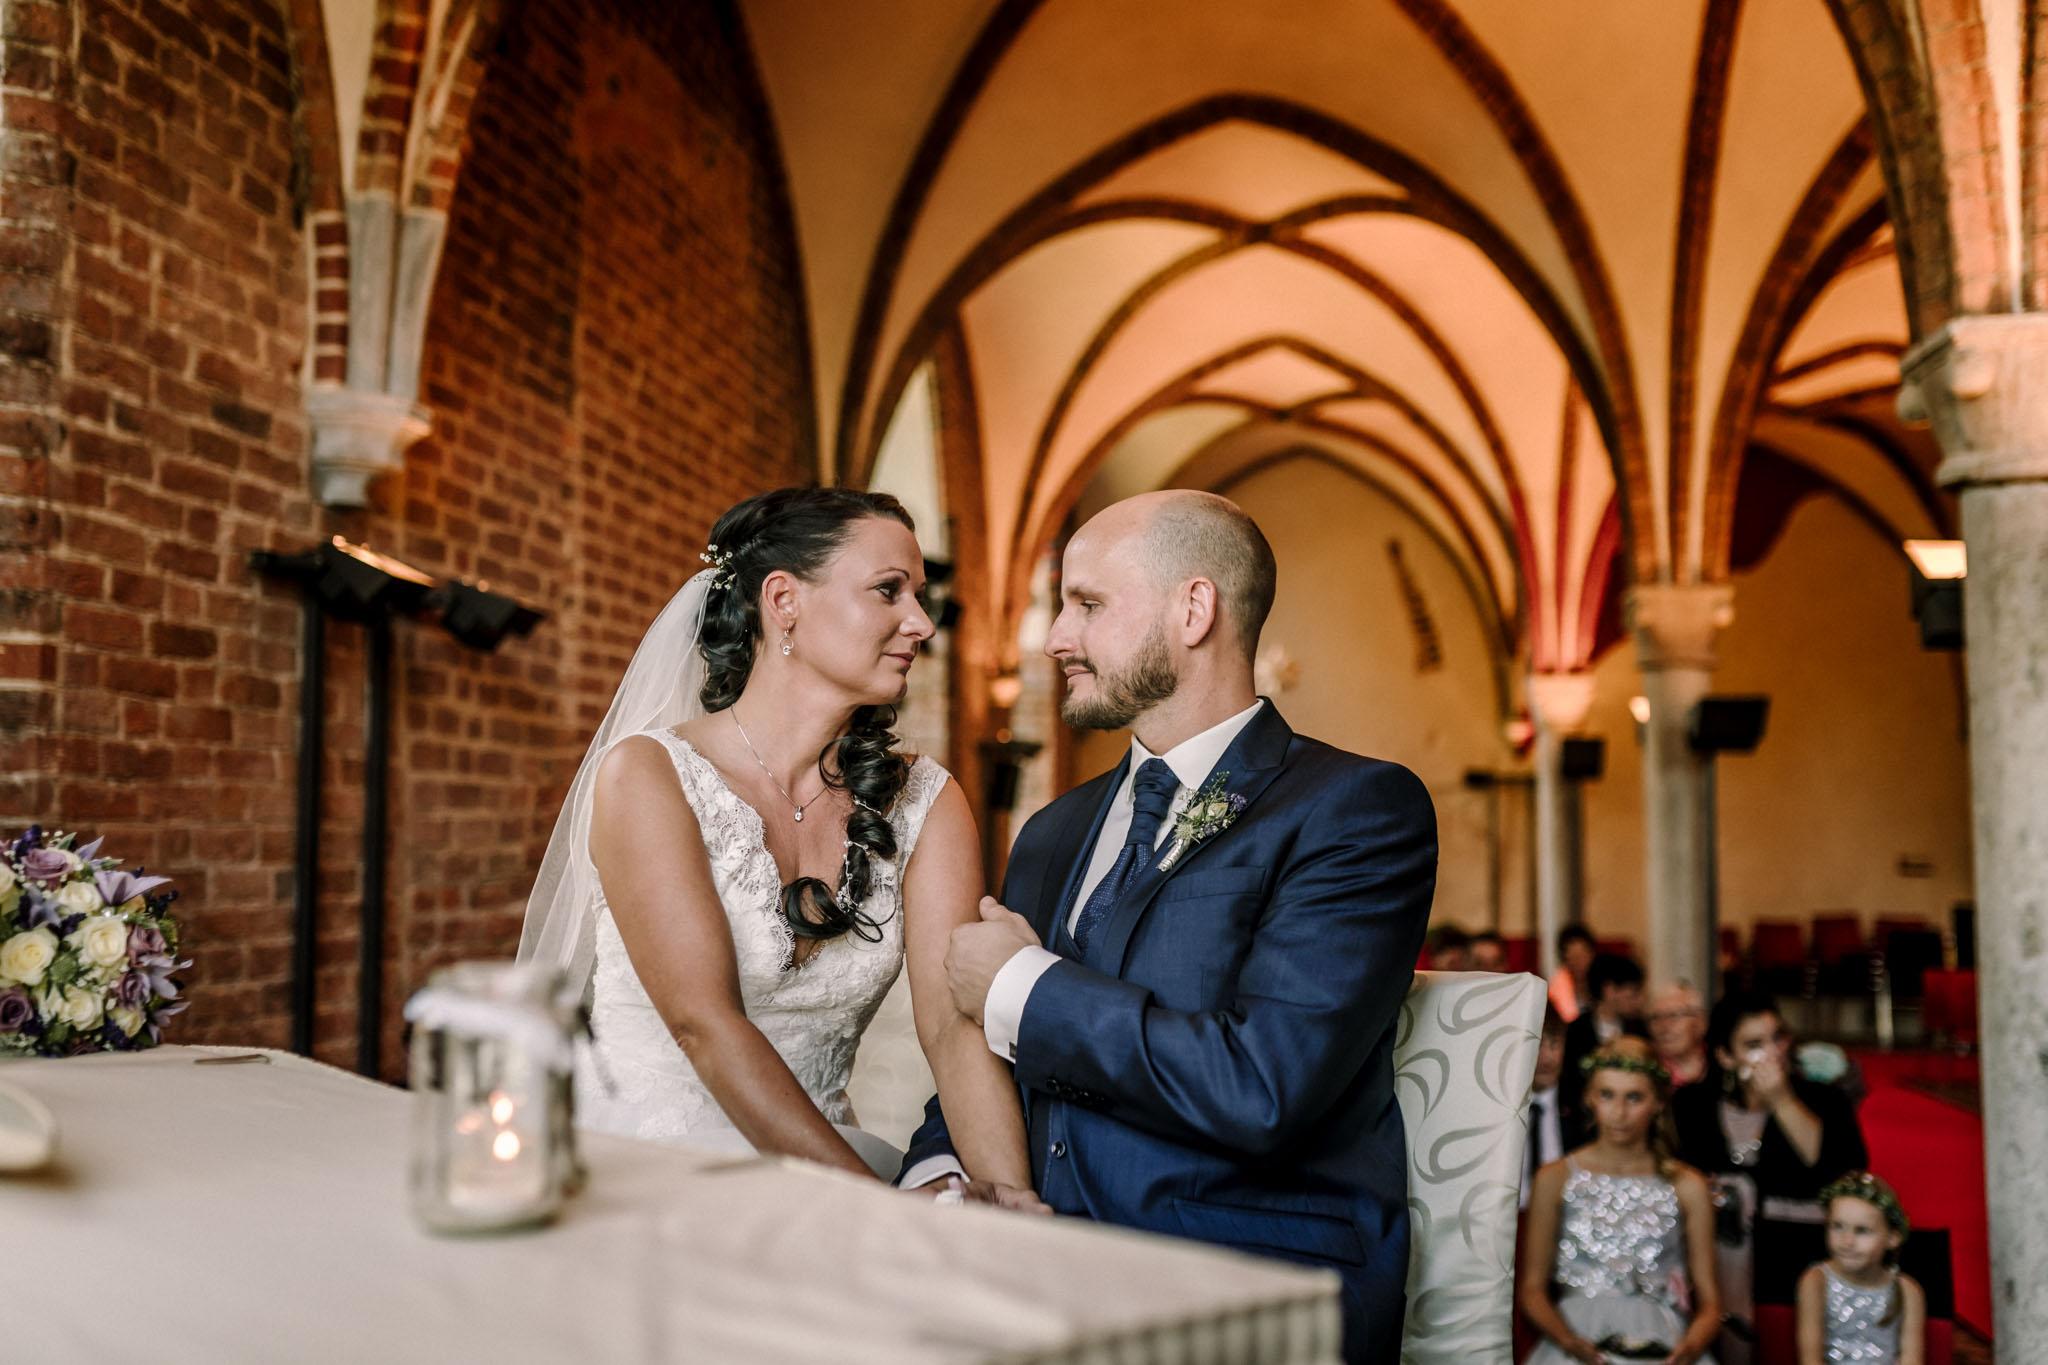 Hochzeitsfieber by Photo-Schomburg, Hochzeitsfotograf, Hamburg,Hochzeitstag, Hochzeitspaar, Braut, Bräutigam, Literaturhauscafe Zarrentin-39